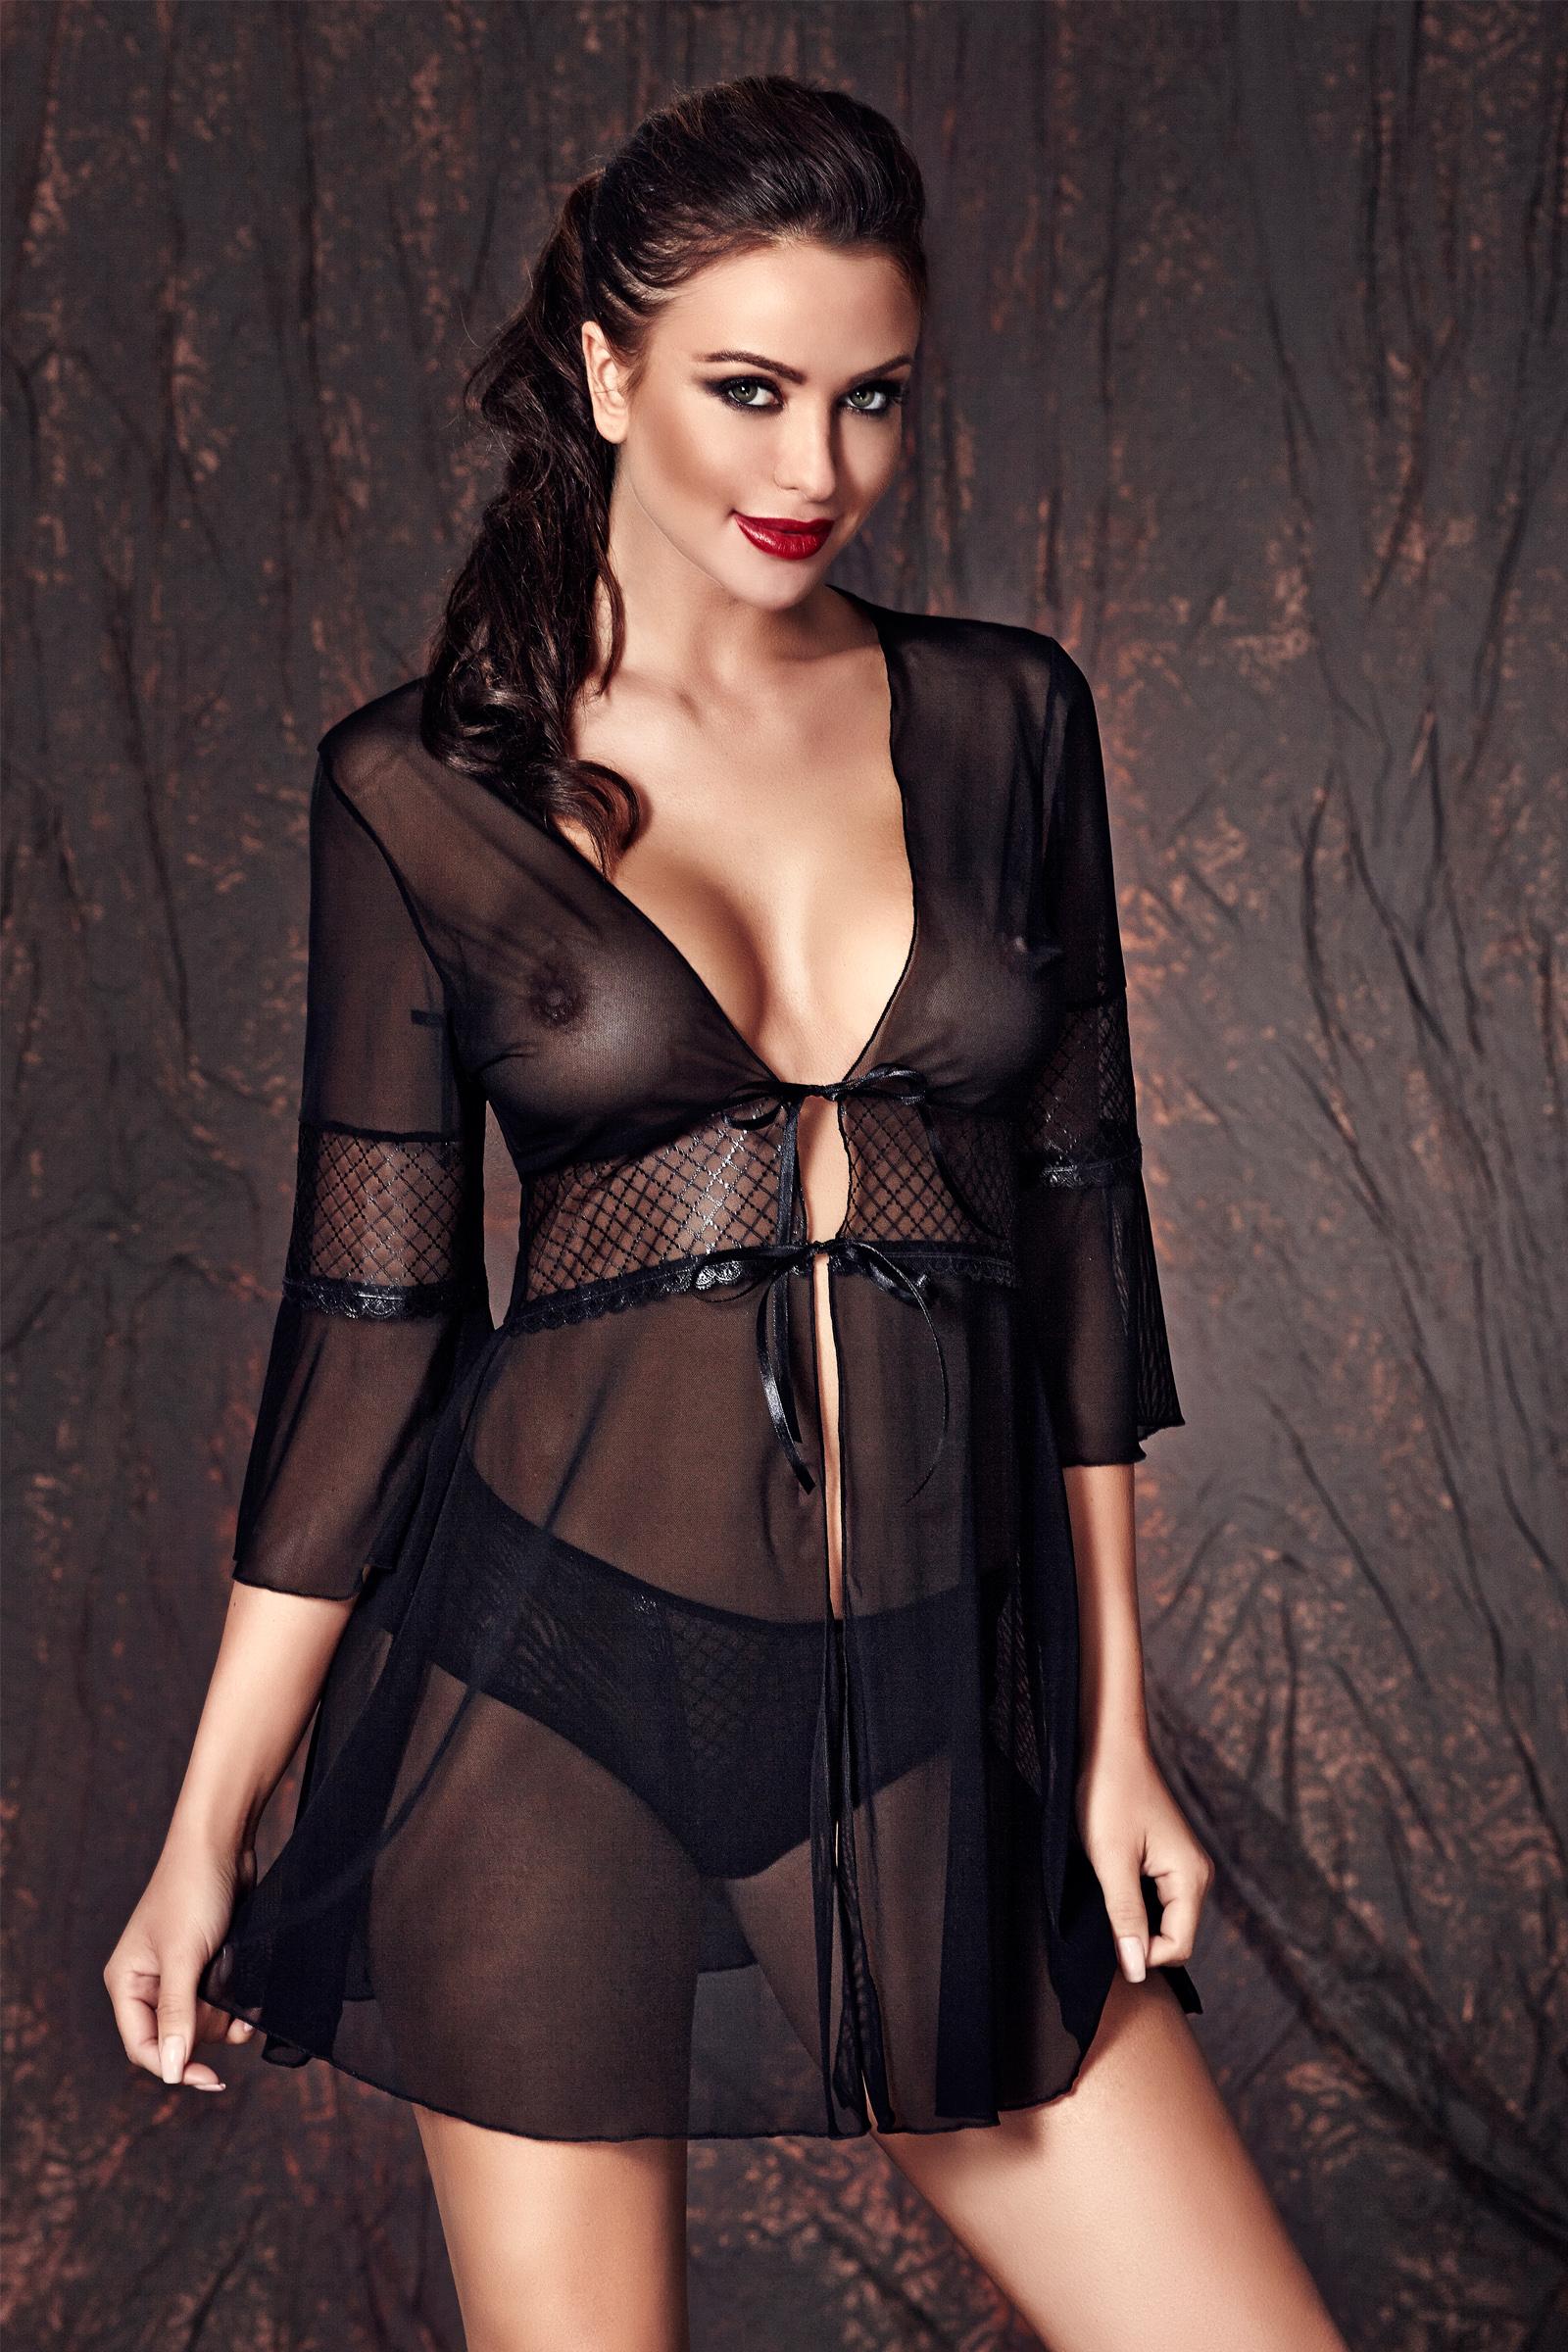 галерея женщин в эротических одеждах черных совершенно заводили